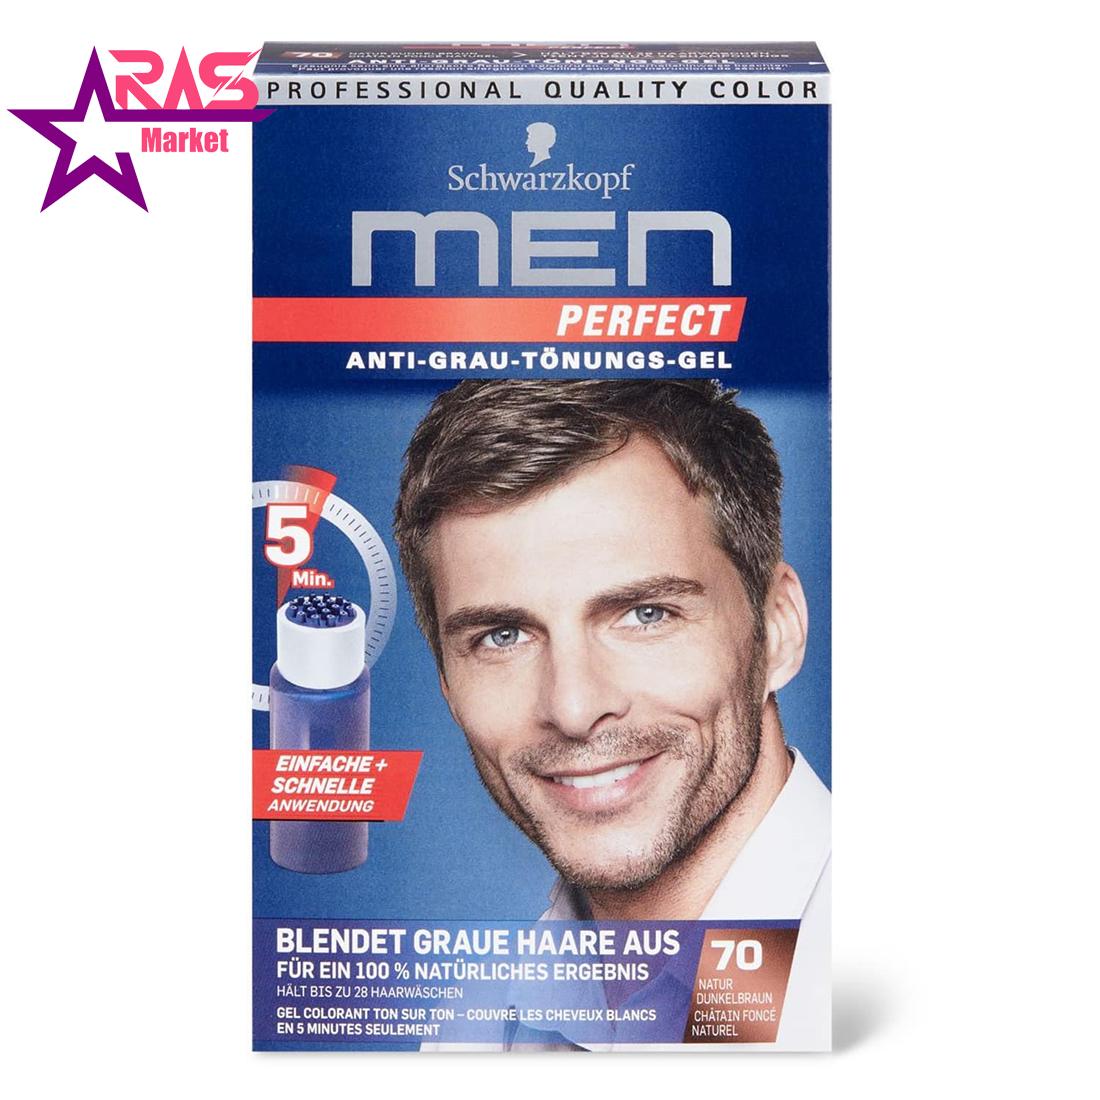 کیت رنگ مو مردانه Men Perfect شماره 70 ، فروشگاه اینترنتی ارس مارکت ، بهداشت آقایان ، رنگ موی من